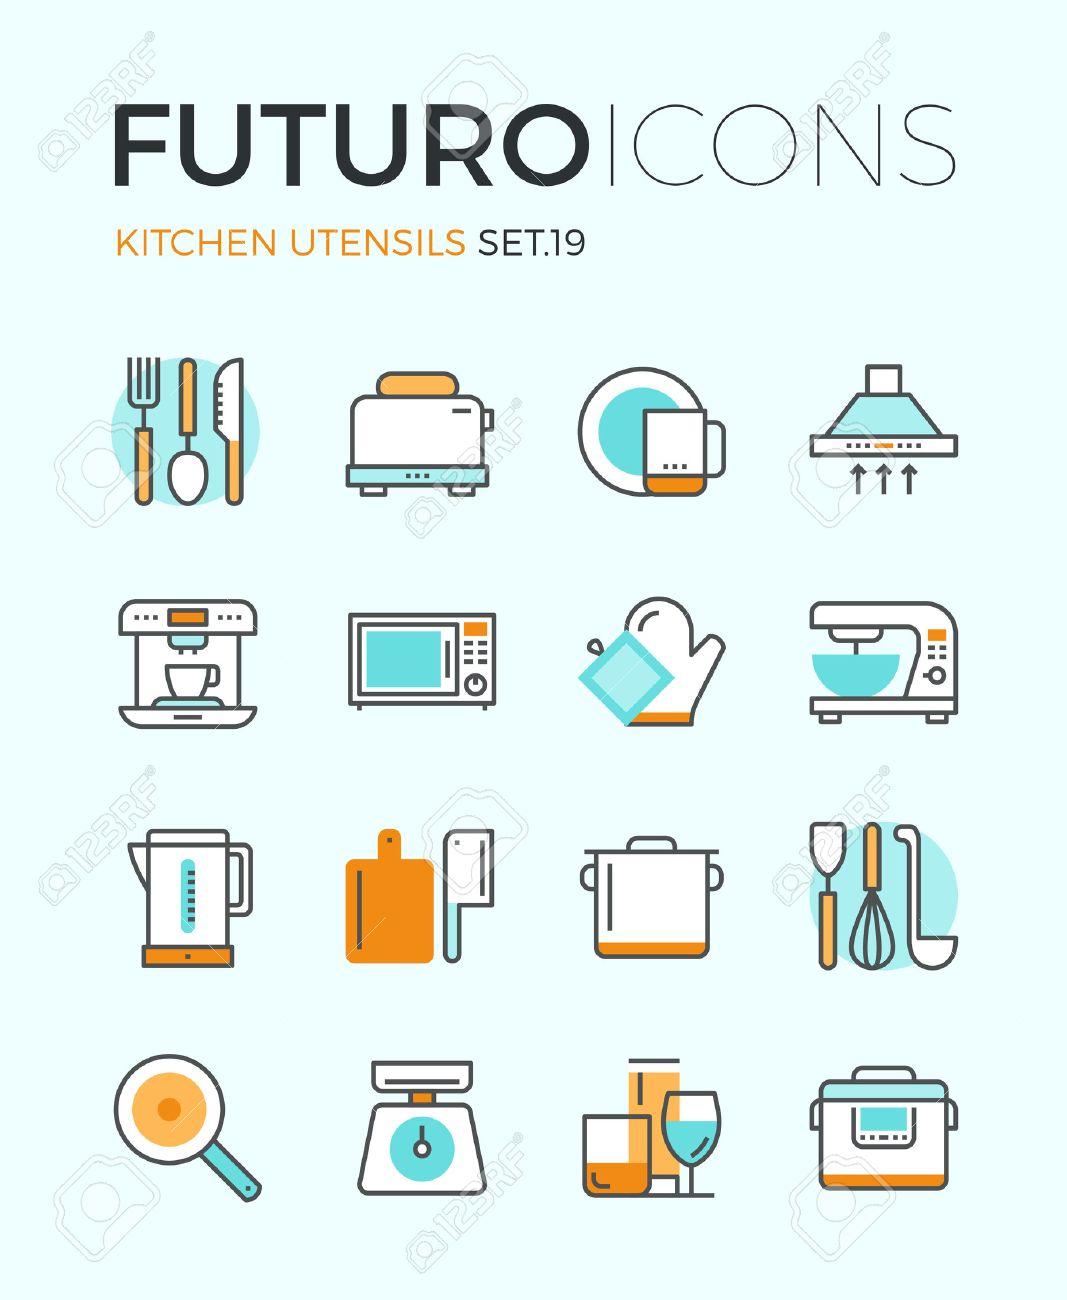 archivio fotografico icone line con elementi di design piatto di utensili da cucina articoli in vetro e la cucina stoviglie per la preparazione del cibo